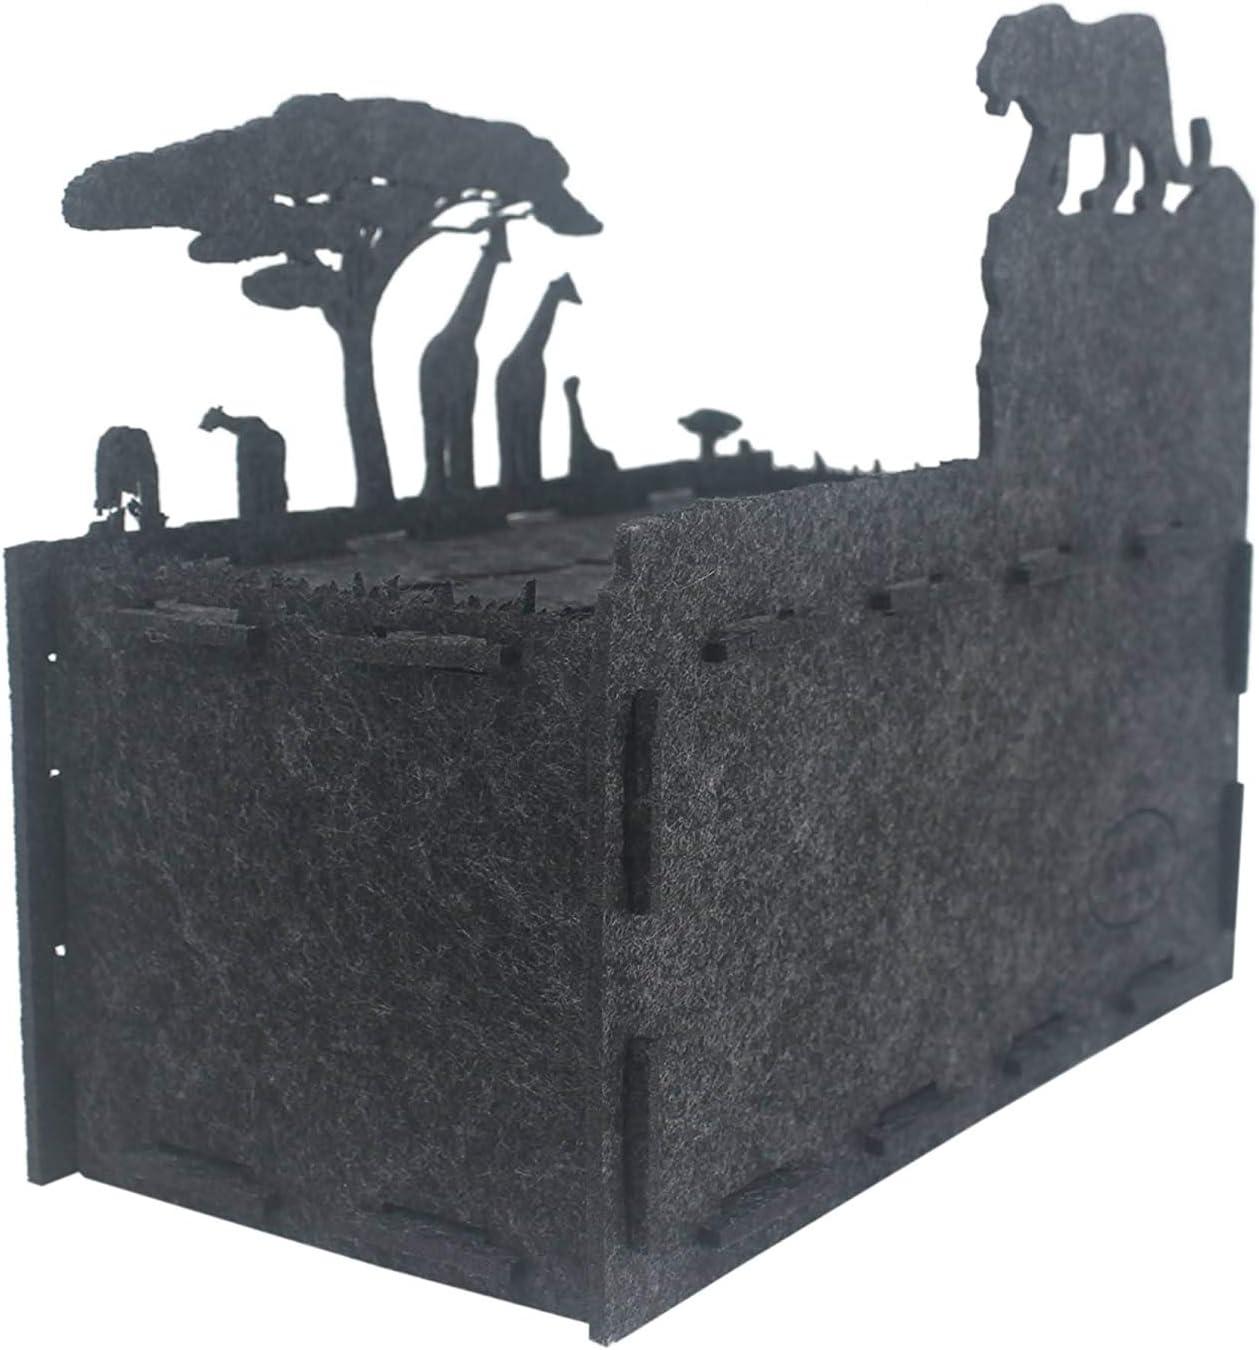 Afrika//AnthrazitMelange RAIKOU Taschent/ücher-Box aus Filz robuster Taschentuch-Spender in interessanten Formen dekorative Kosmetikt/ücher Box